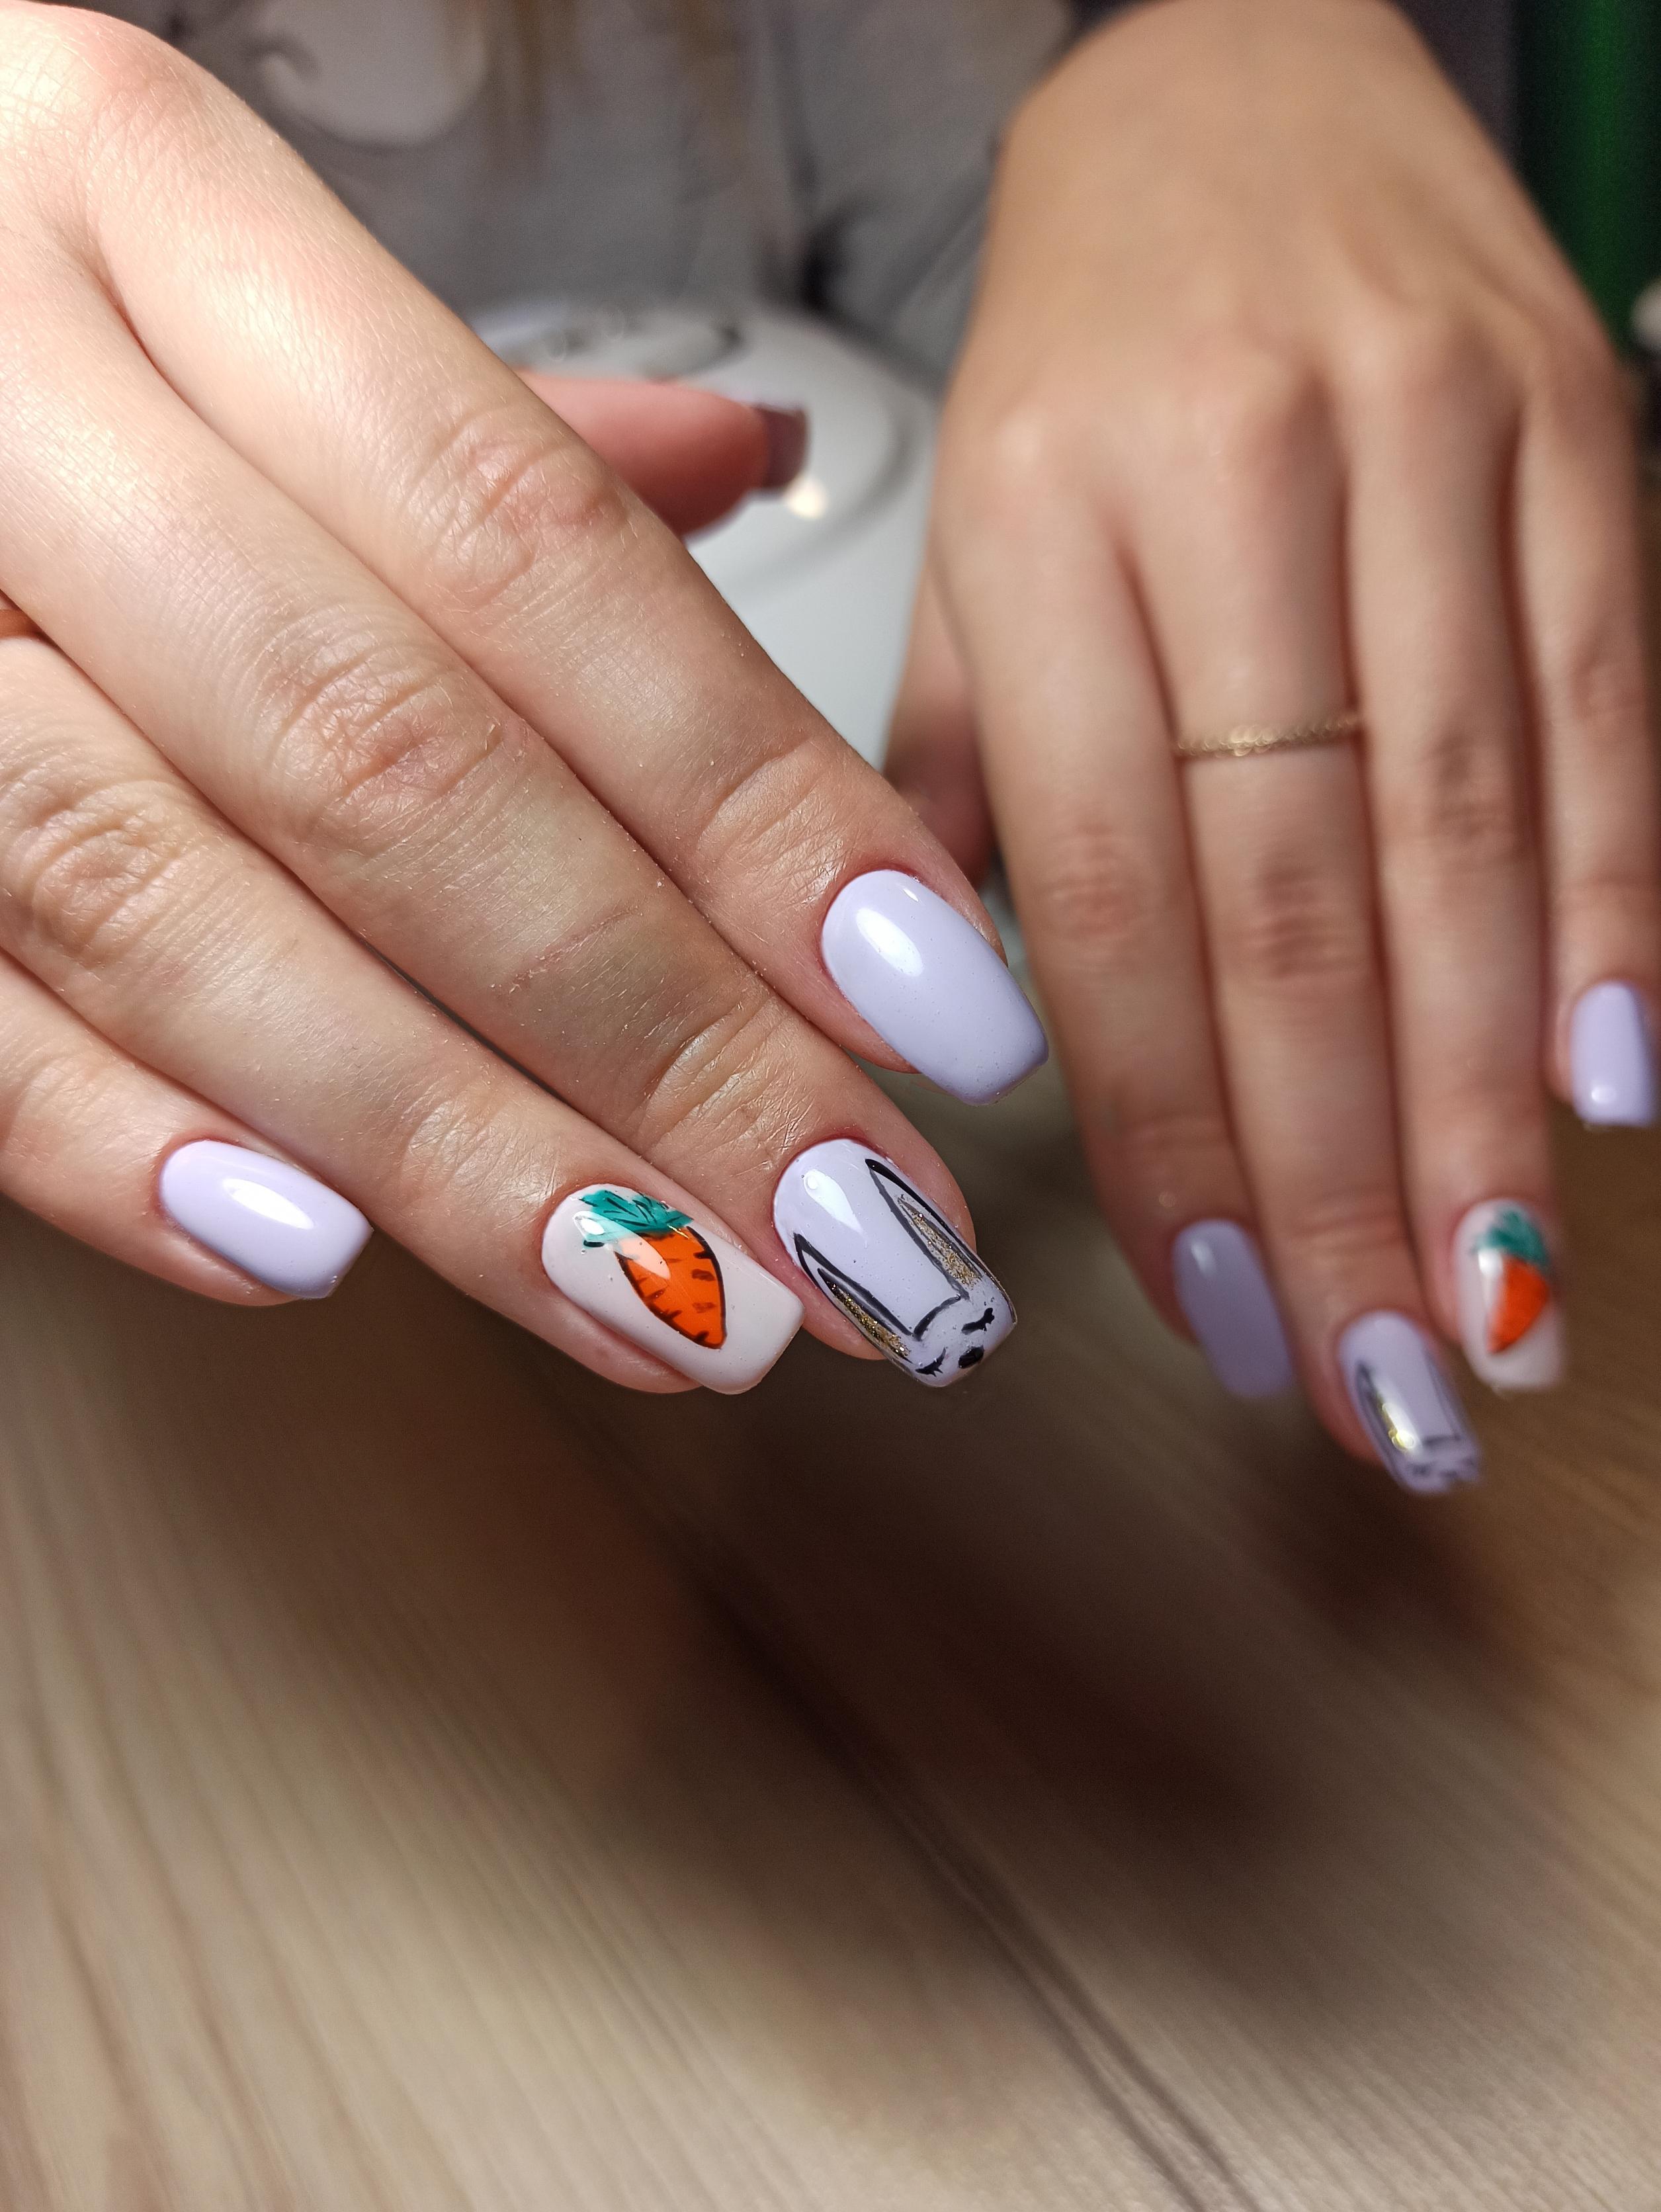 Маникюр с зайчиком в сиреневом цвете на длинные ногти.